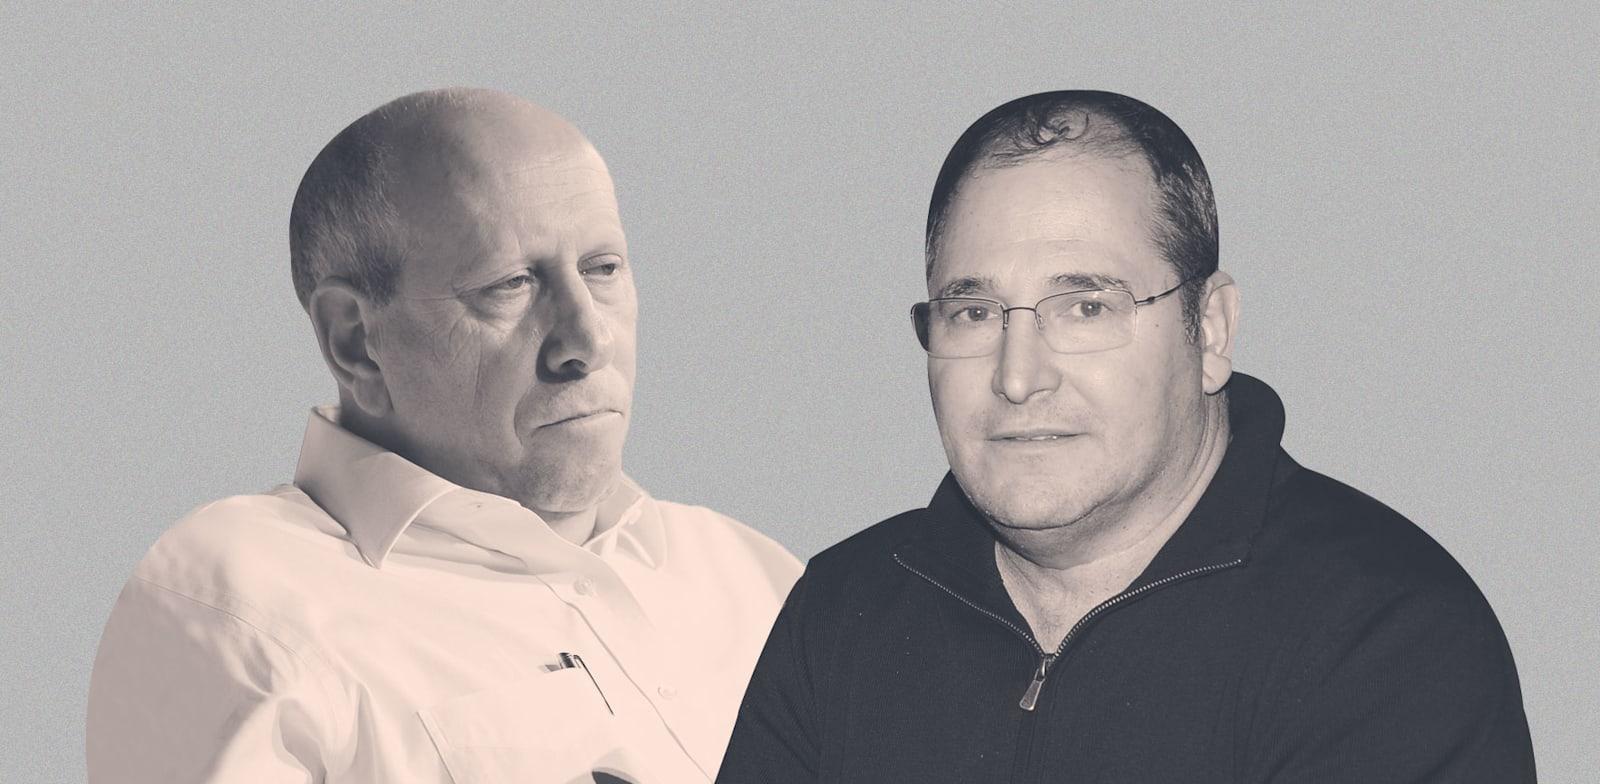 ניר גלעד ומוטי רוזן / צילום: יוסי כהן, תמר מצפי